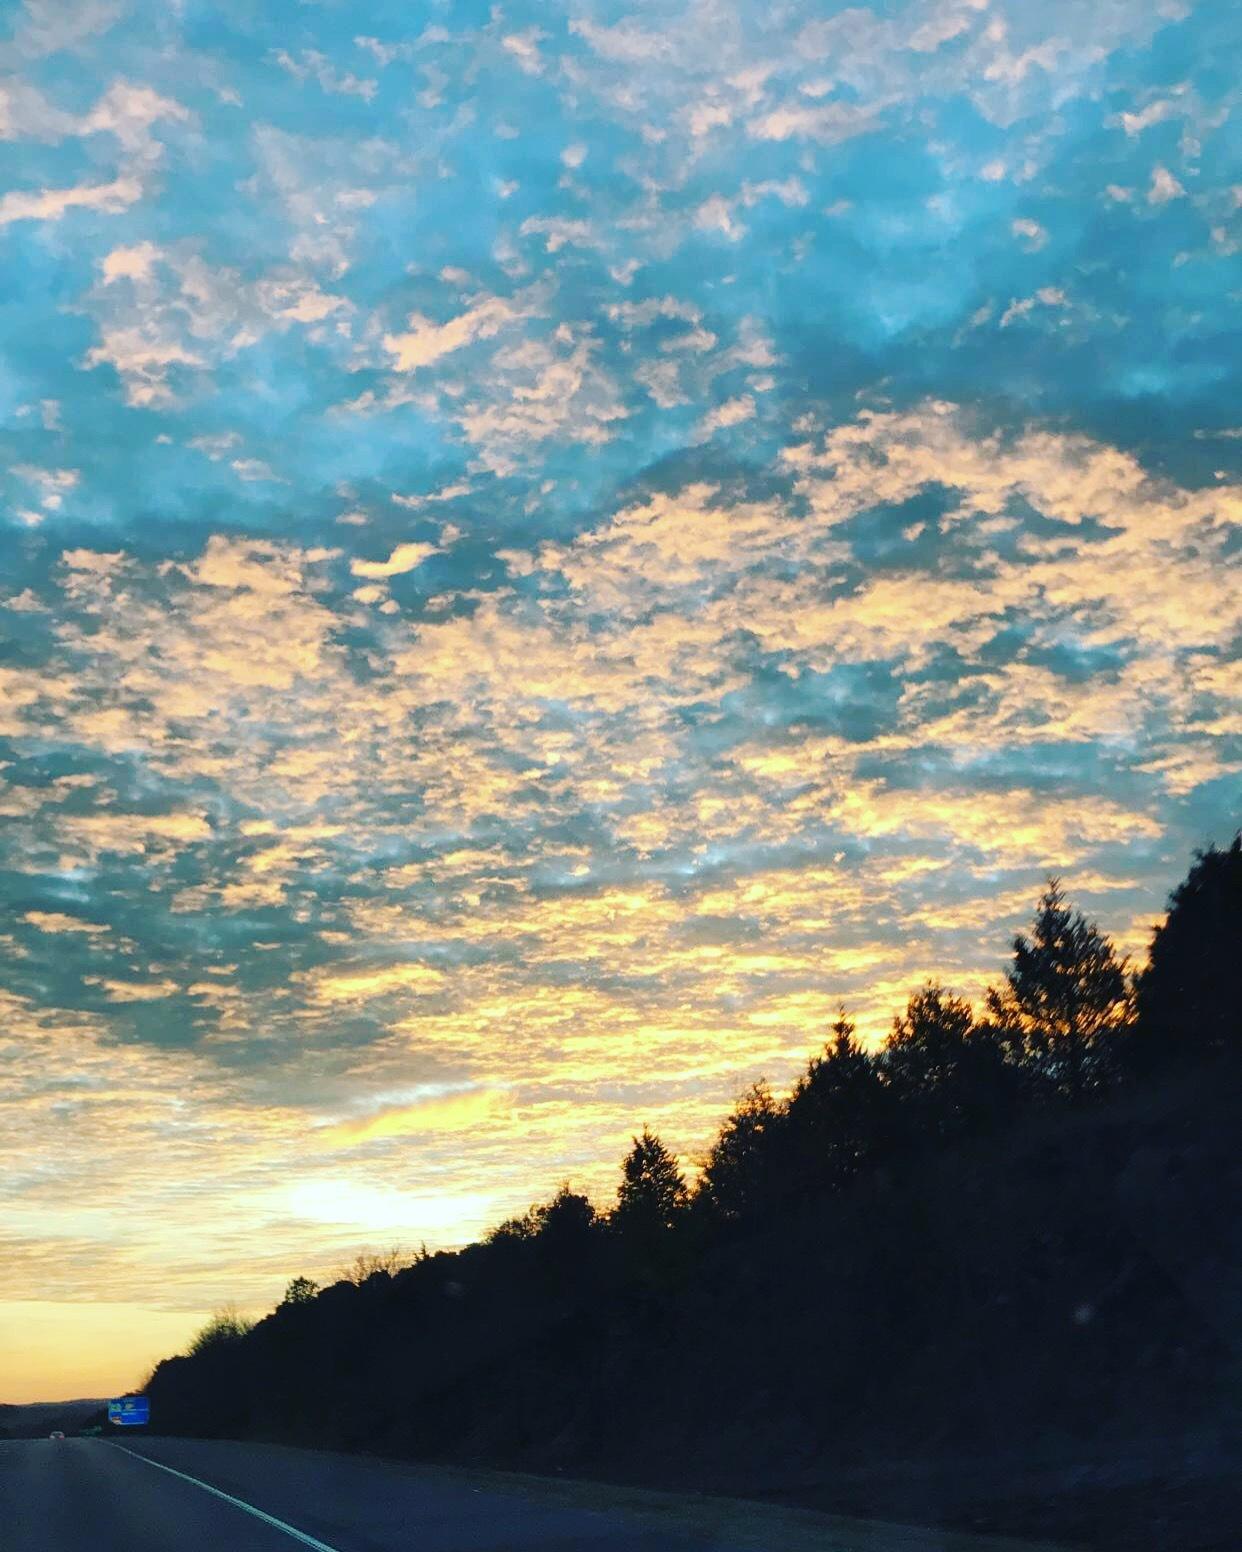 Sunrise by Rhmier